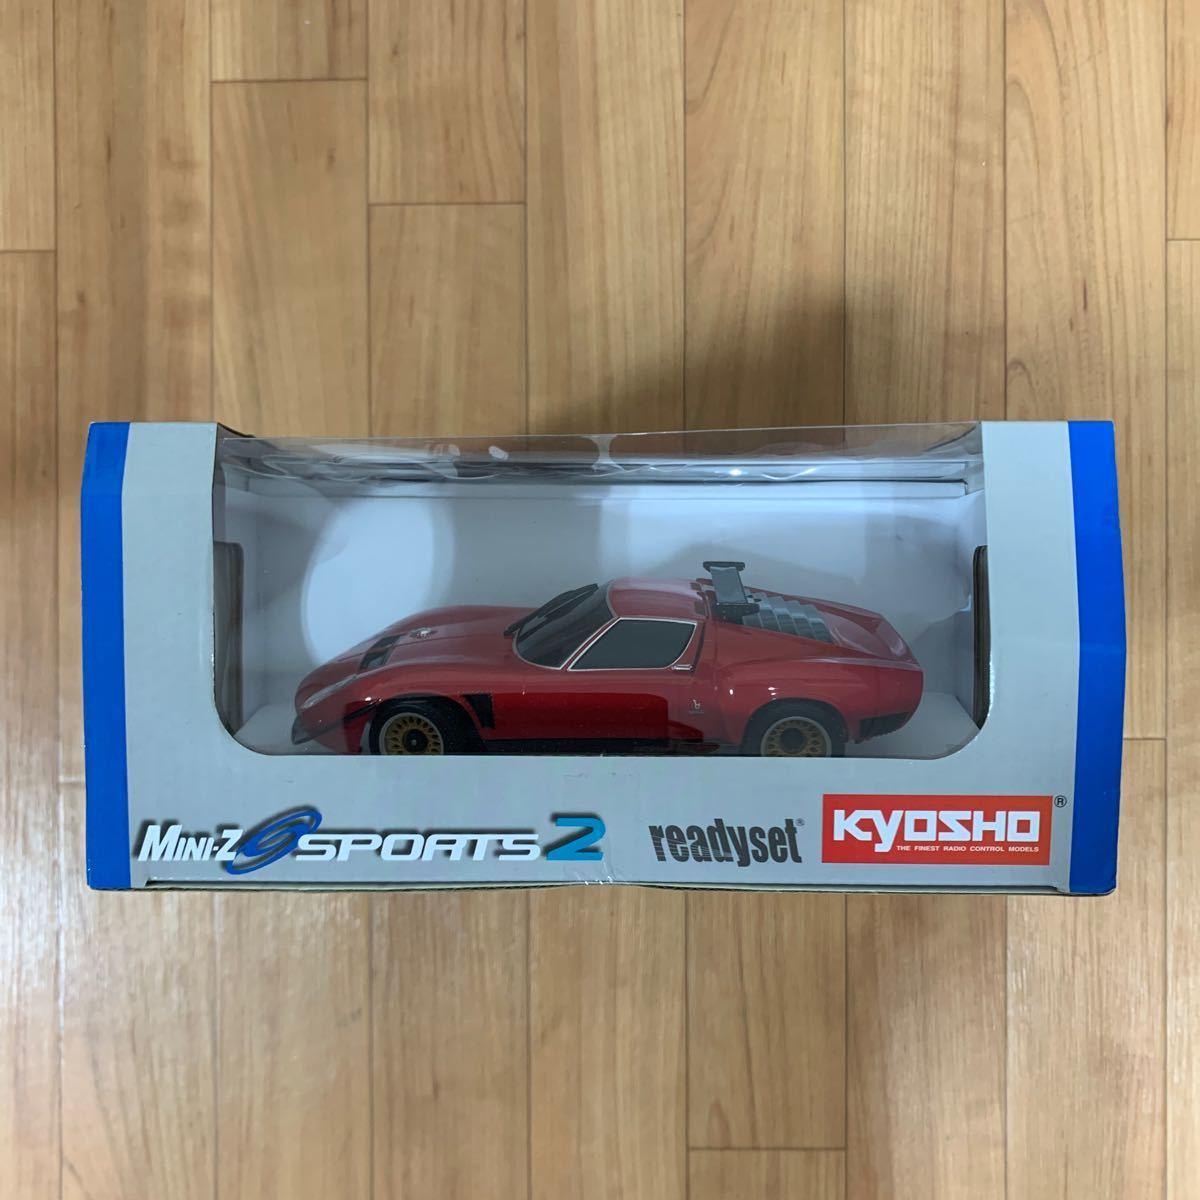 京商 1/27ミニッツMR-03 スポーツ2 ランボルギーニ イオタ SVR レッド 2.4GHz塗装済み完成 ラジコンセット